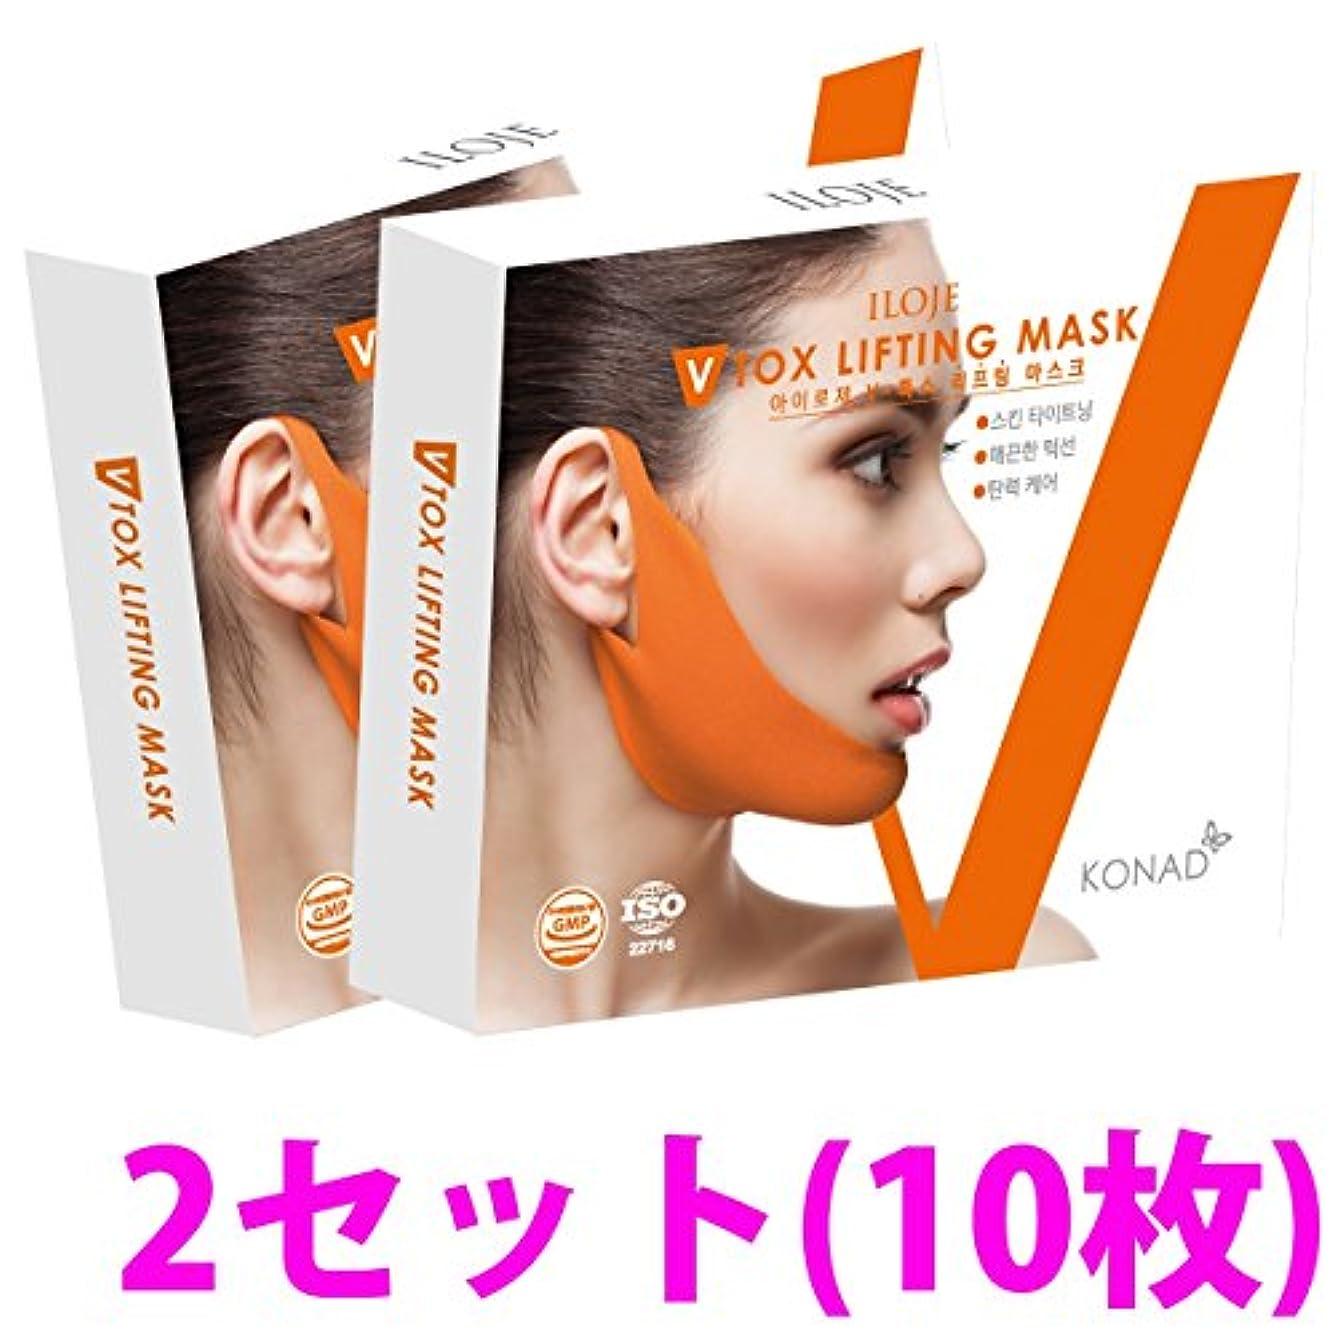 配分看板まもなく女性の年齢は顎の輪郭で決まる!V-TOXリフティングマスクパック 2セット(10枚)